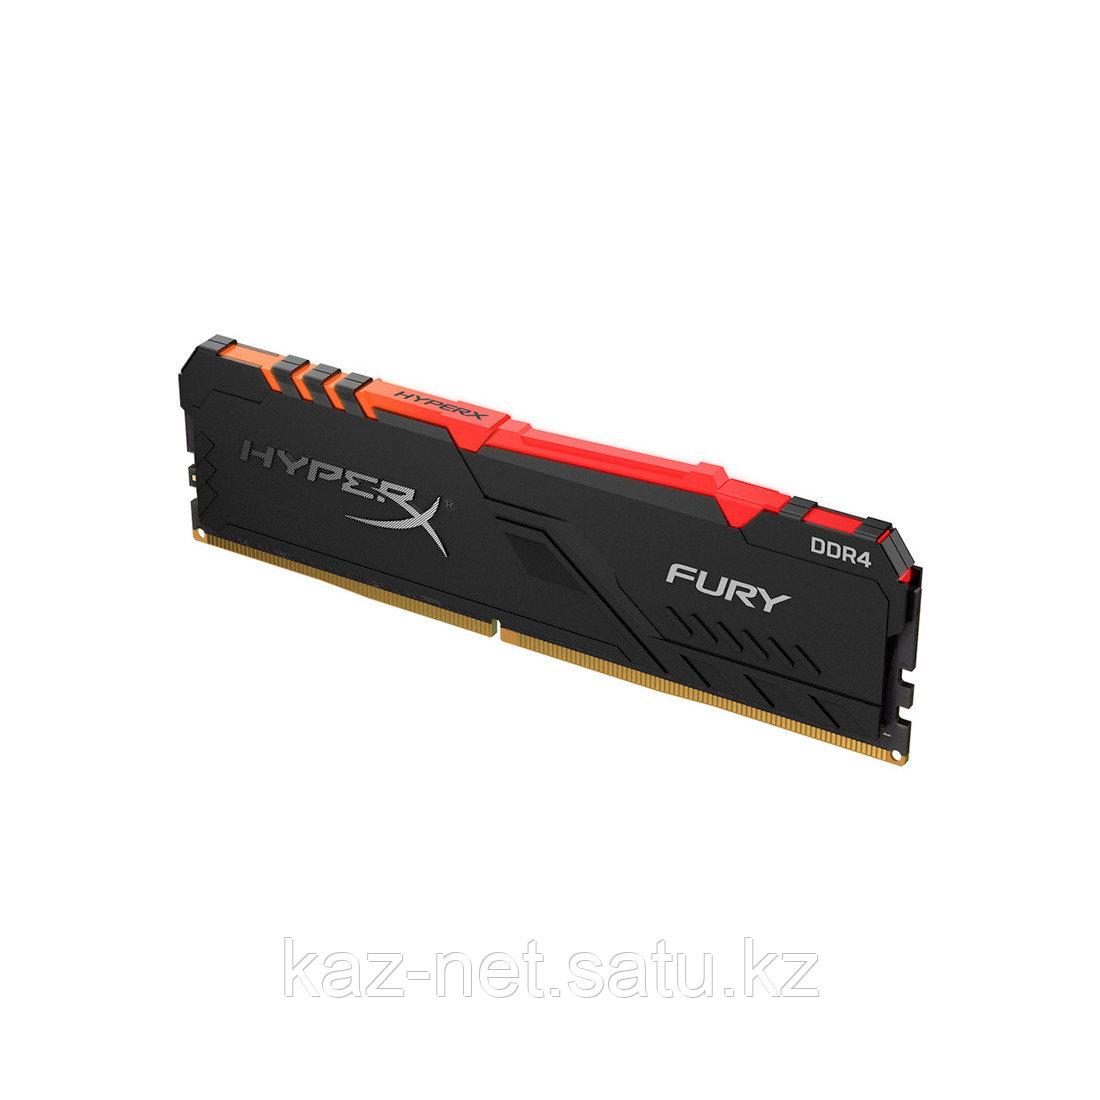 Модуль памяти Kingston HyperX Fury RGB HX426C16FB3A/8 DDR4 8G 2666MHz - фото 1